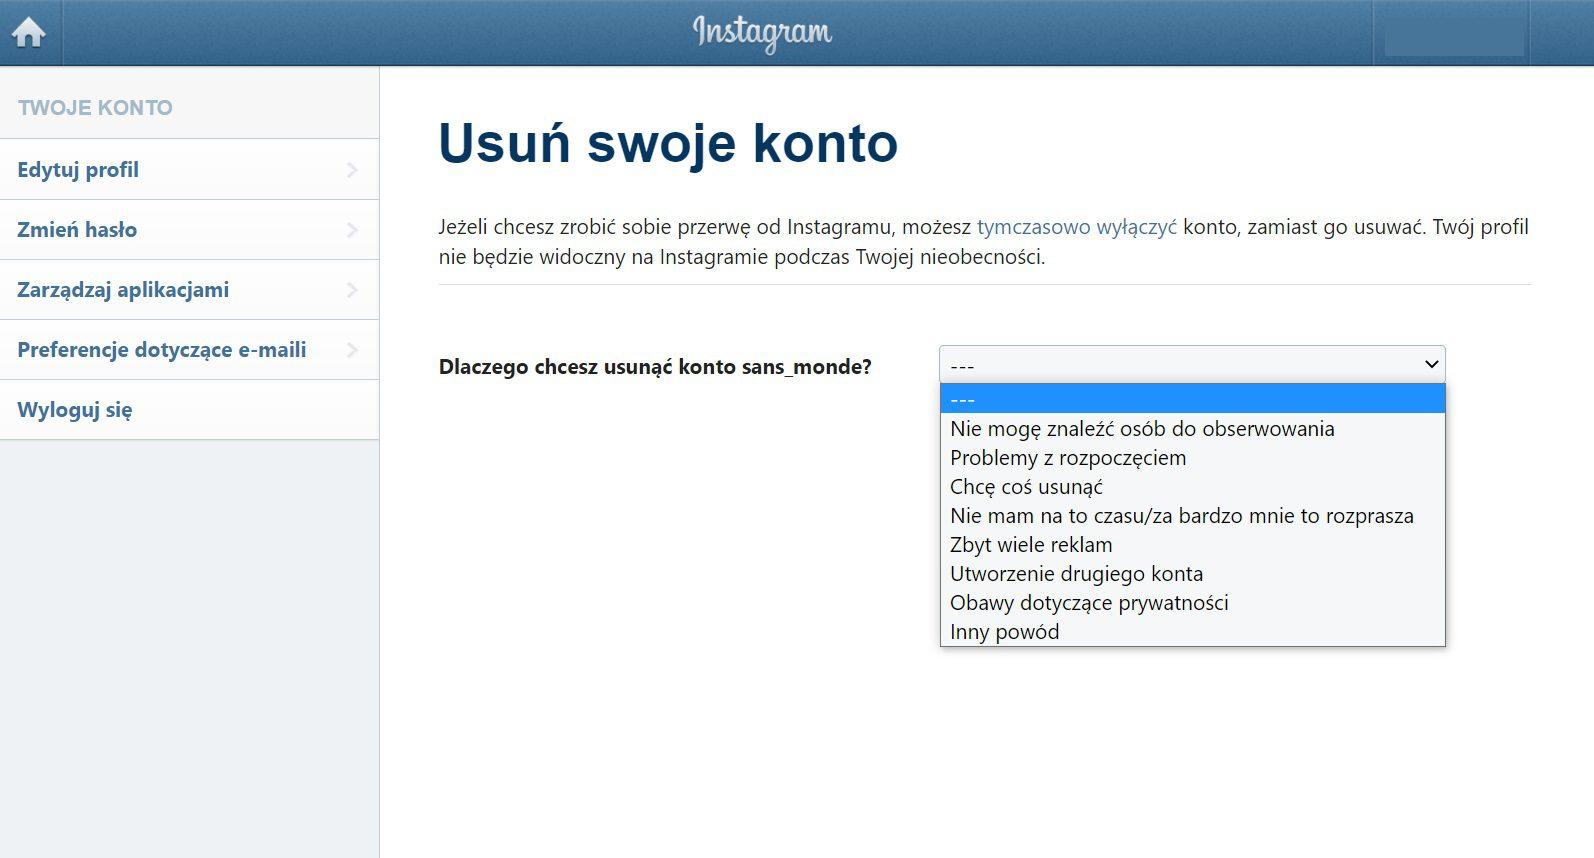 Instagram usuwanie konta przyczyna